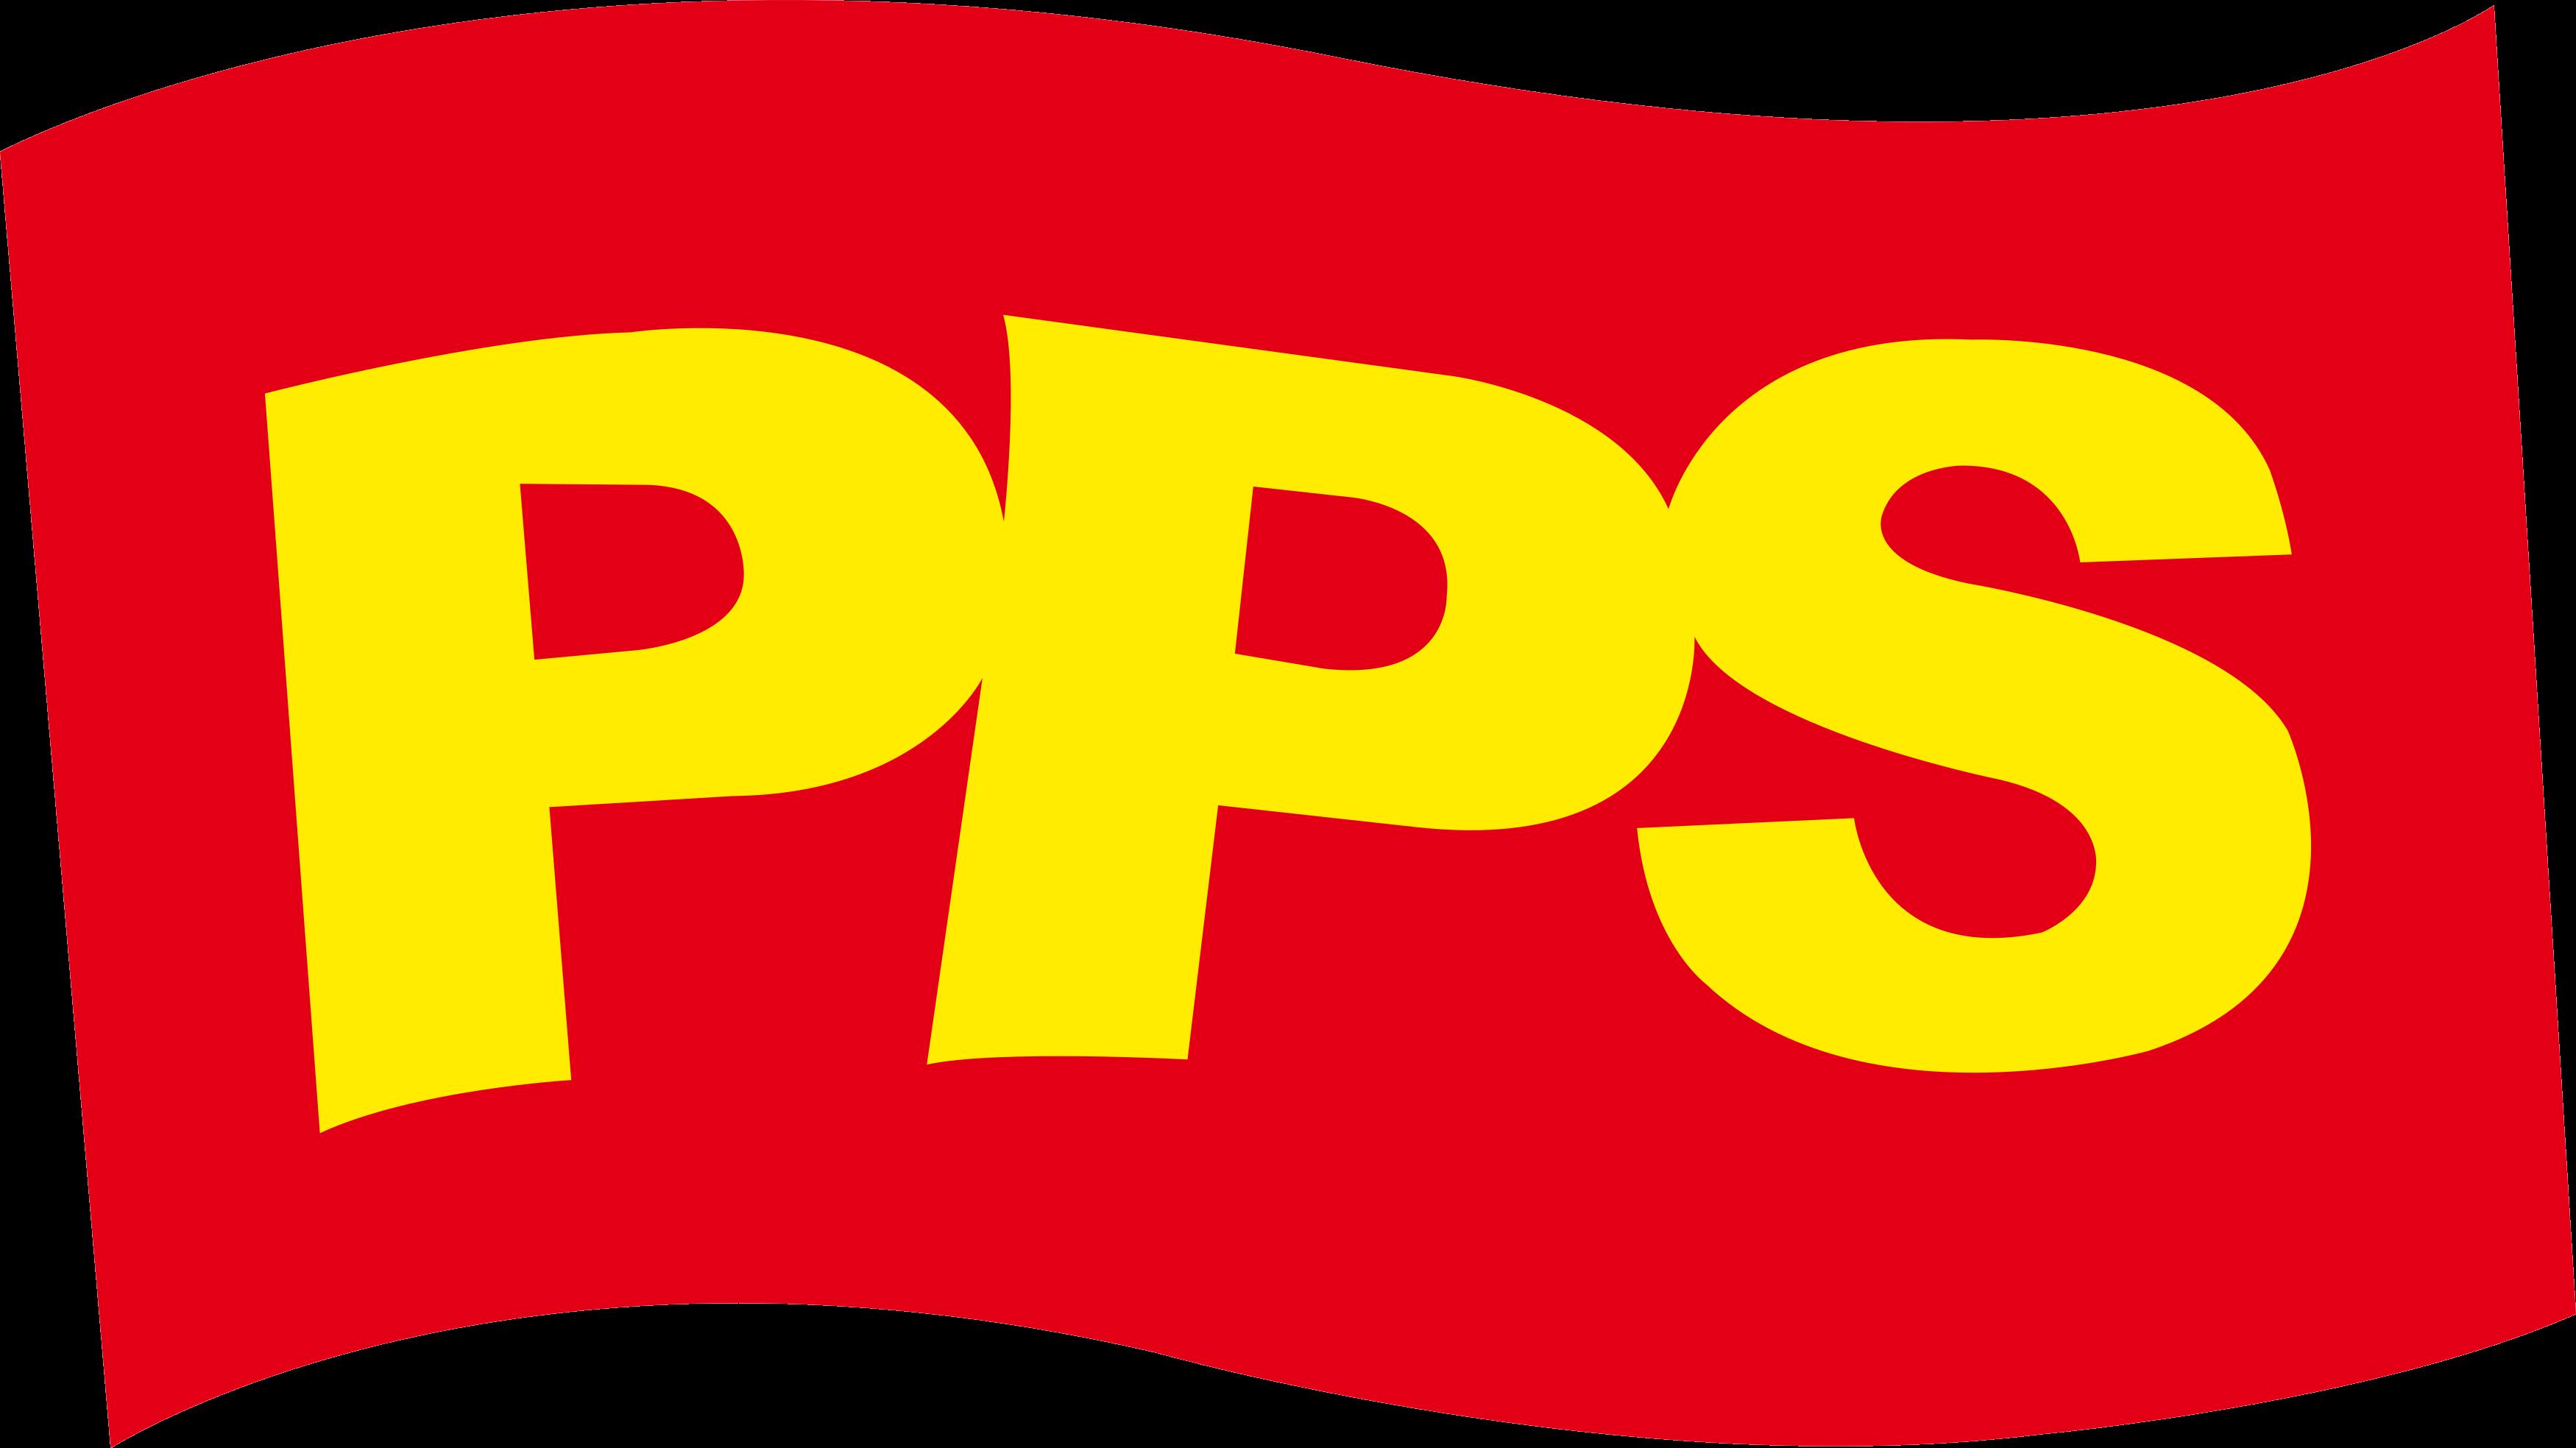 PPS Logo, Partido Popular Socialista logo.